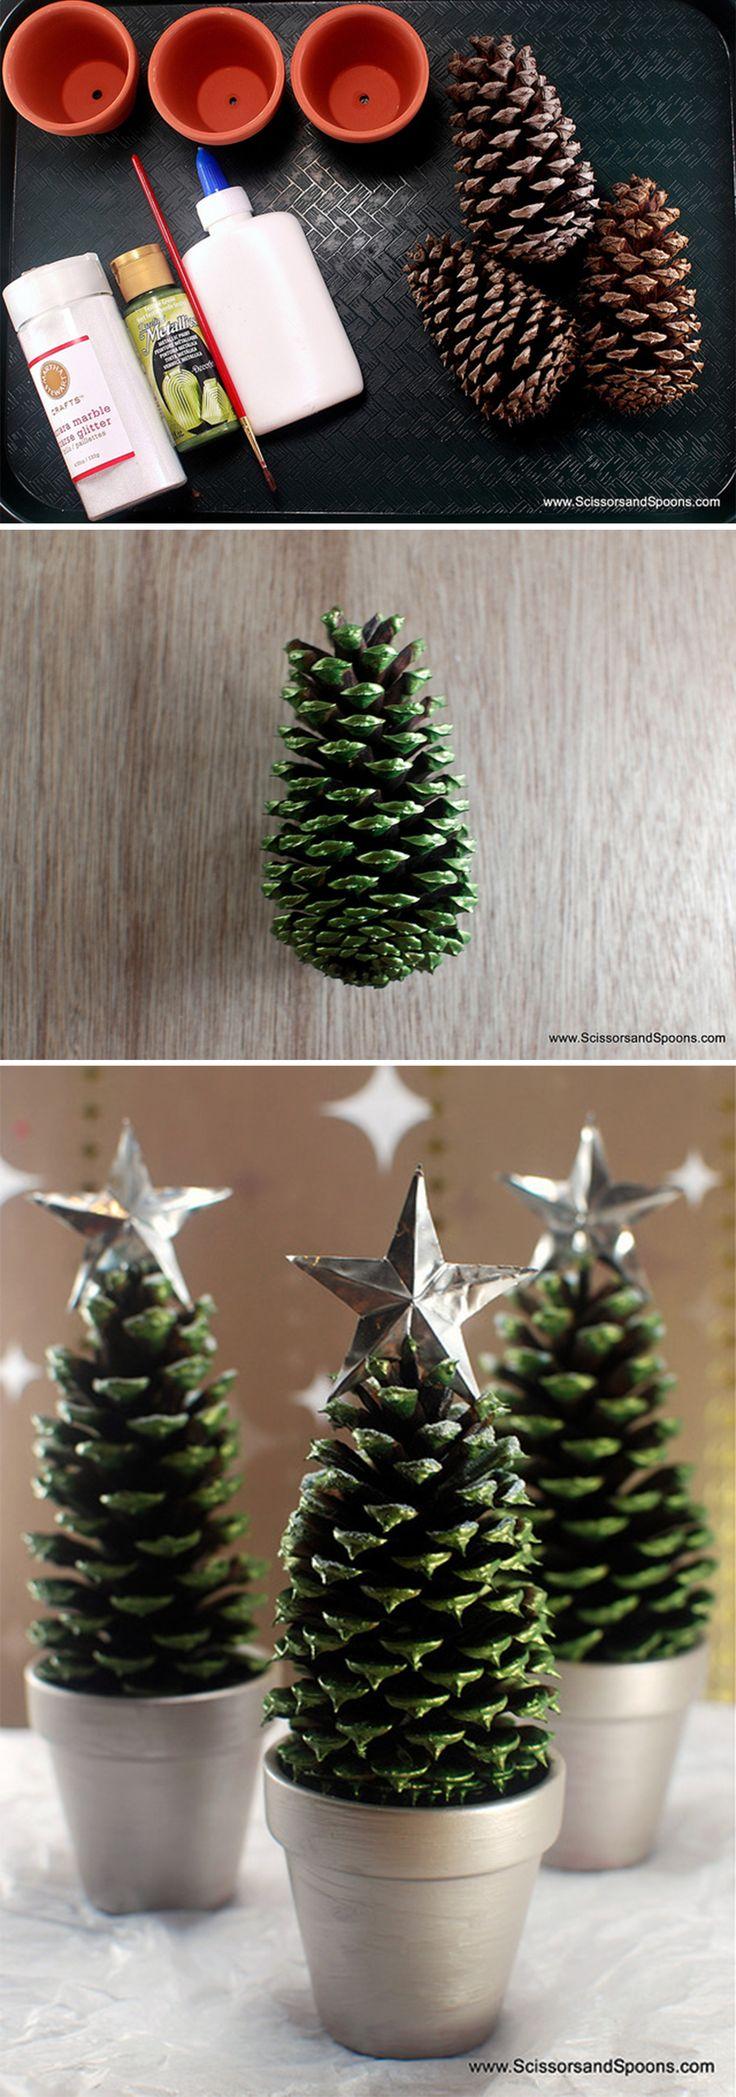 Manualidades navidad - pinos macetas